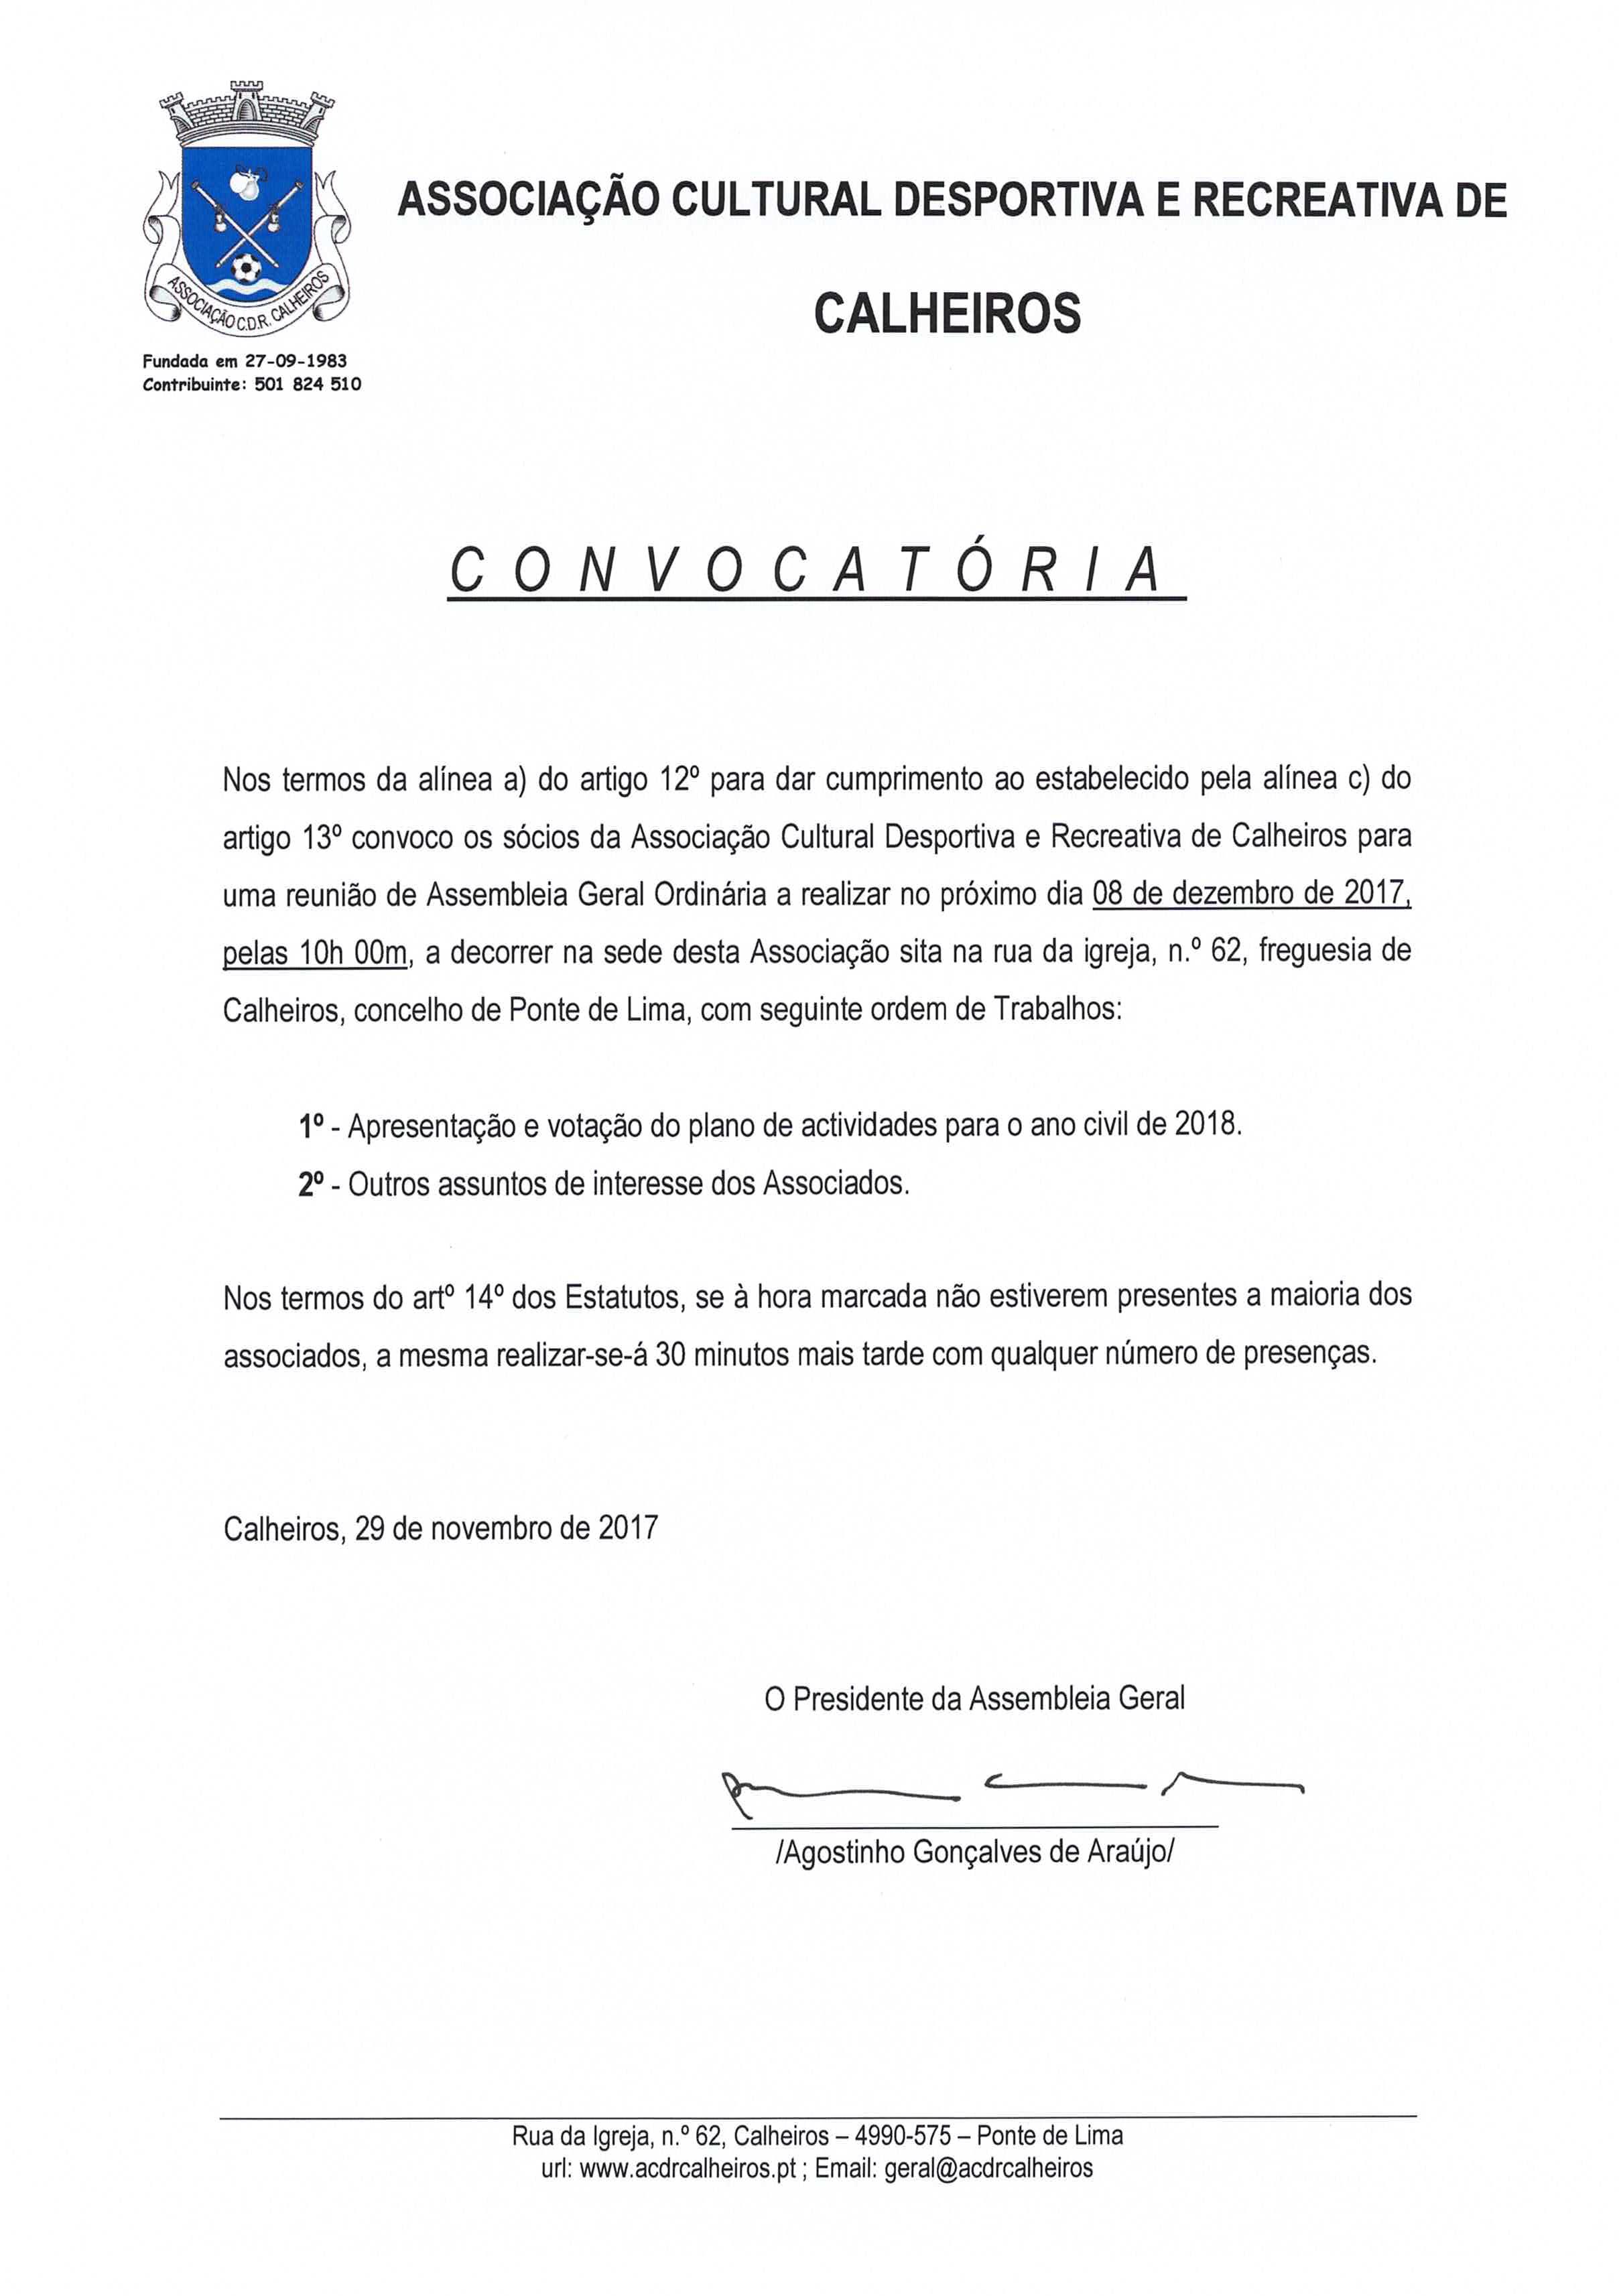 Convocatória Votação Plano atividades 2018.jpg